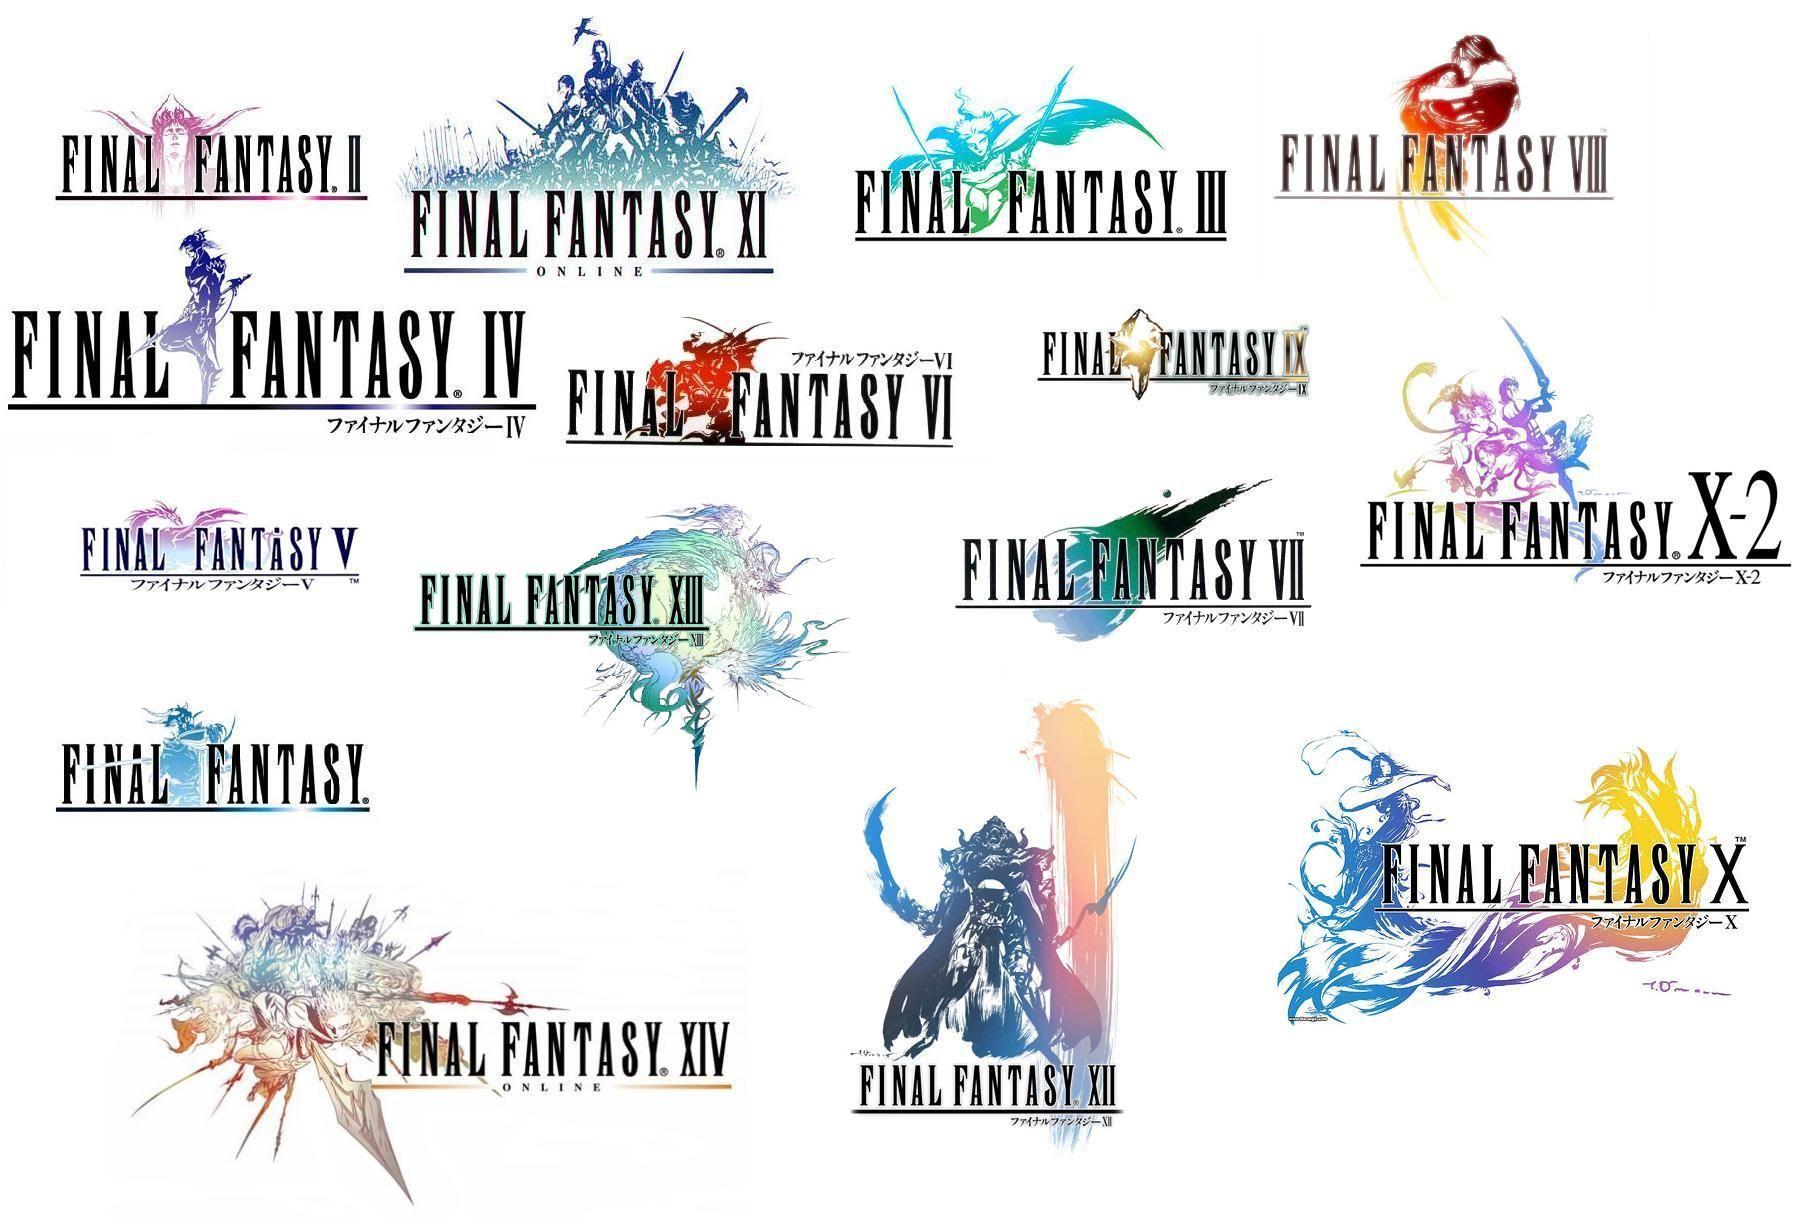 FinalFantasyLogo03.jpg (1803×1228) Final fantasy logo